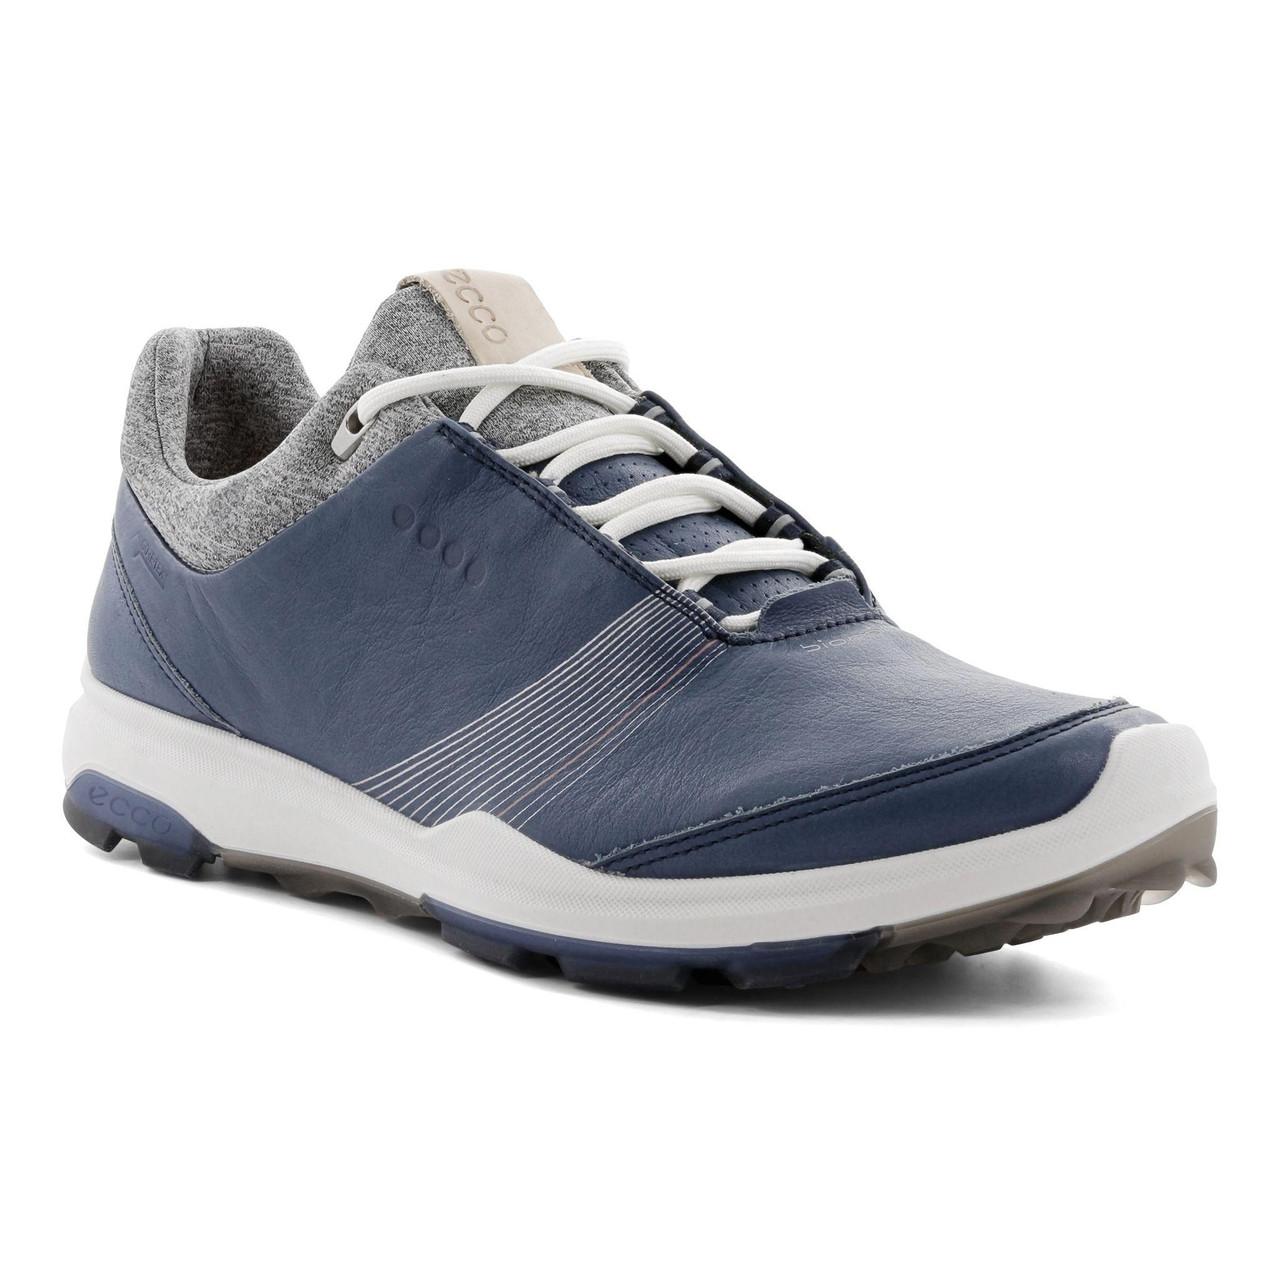 wie kommt man akzeptabler Preis preiswert kaufen Ecco Women's Biom Hybrid 3 Goretex Golf Shoes Denim Blue Ex Width Option